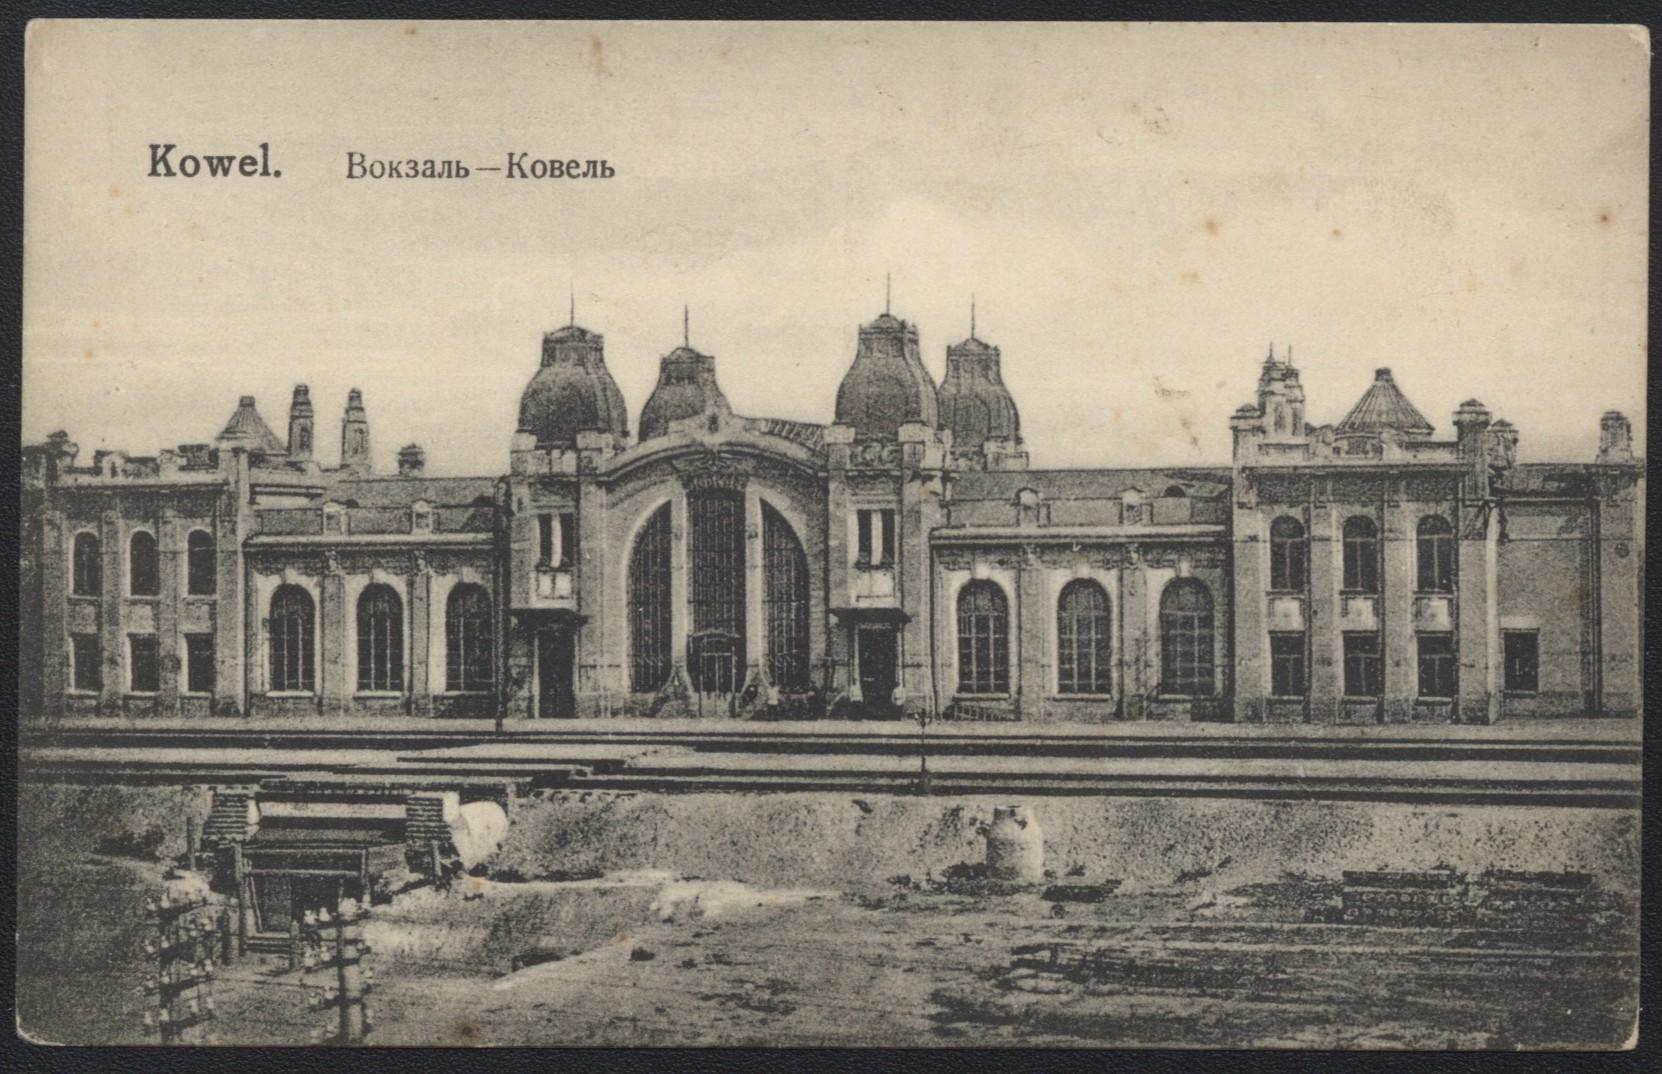 Ковельський вокзал, зображення 1920 р.